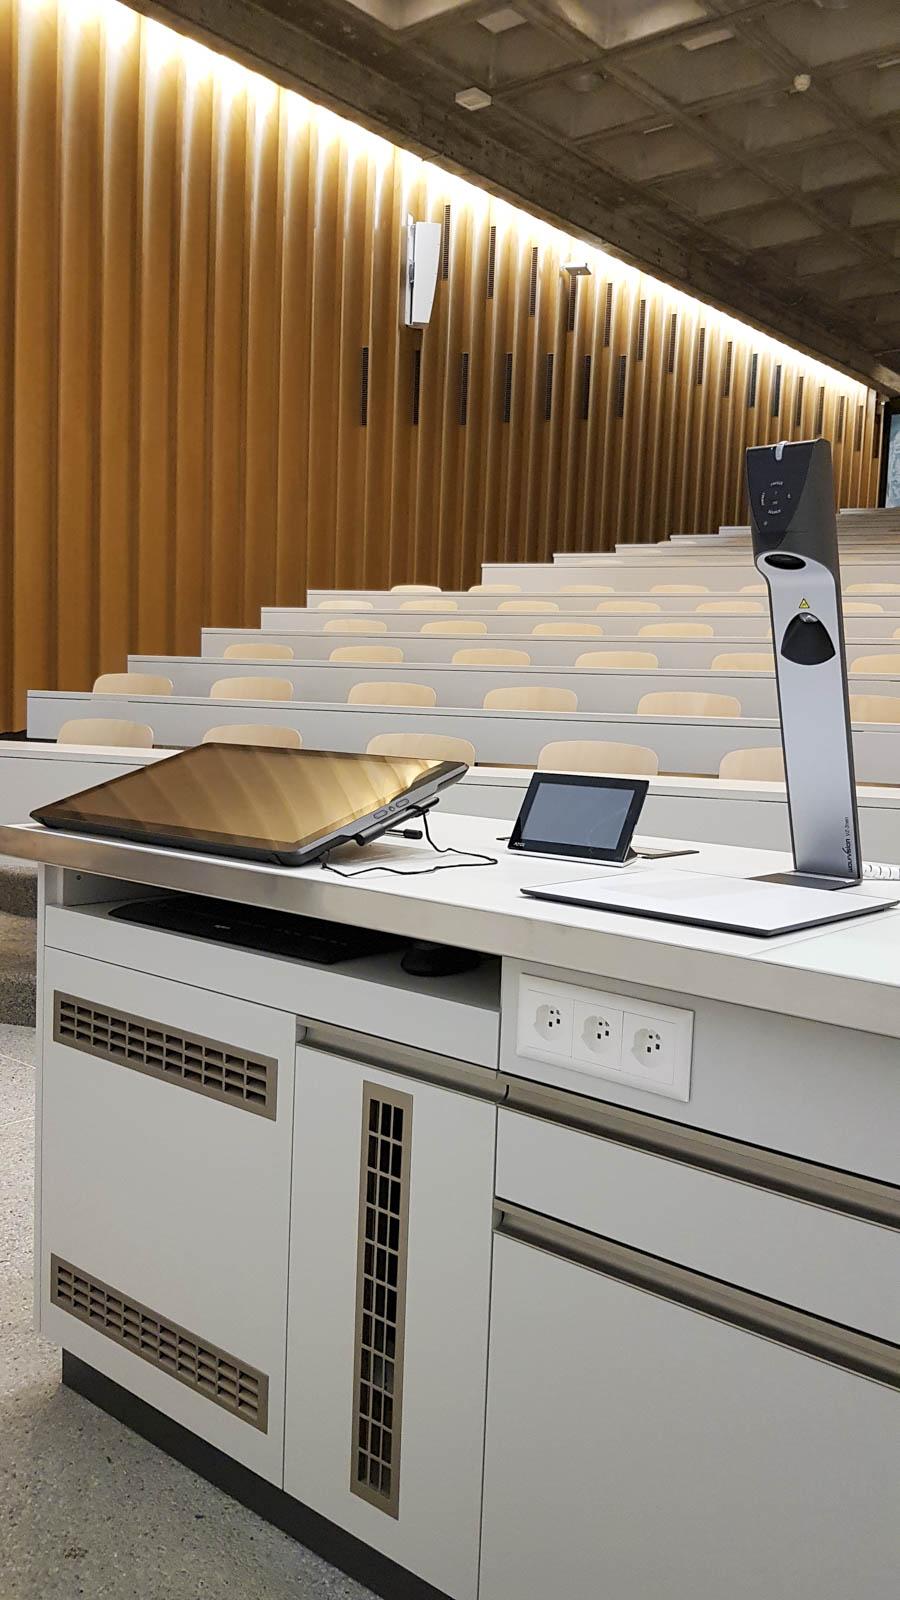 Wooddesign_öffentliche Bauten_Uni Freiburg_Möbel_Rollkorpus_Lehrerpult_Schliessfächer_Aula_Arbeitstische_Labor_Bedienungspult (5)